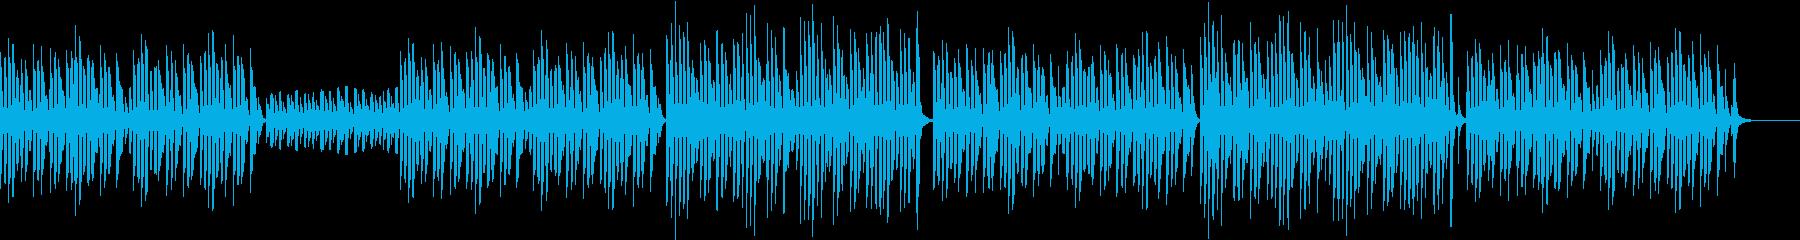 bpm076 キッズTikTok可愛い笛の再生済みの波形